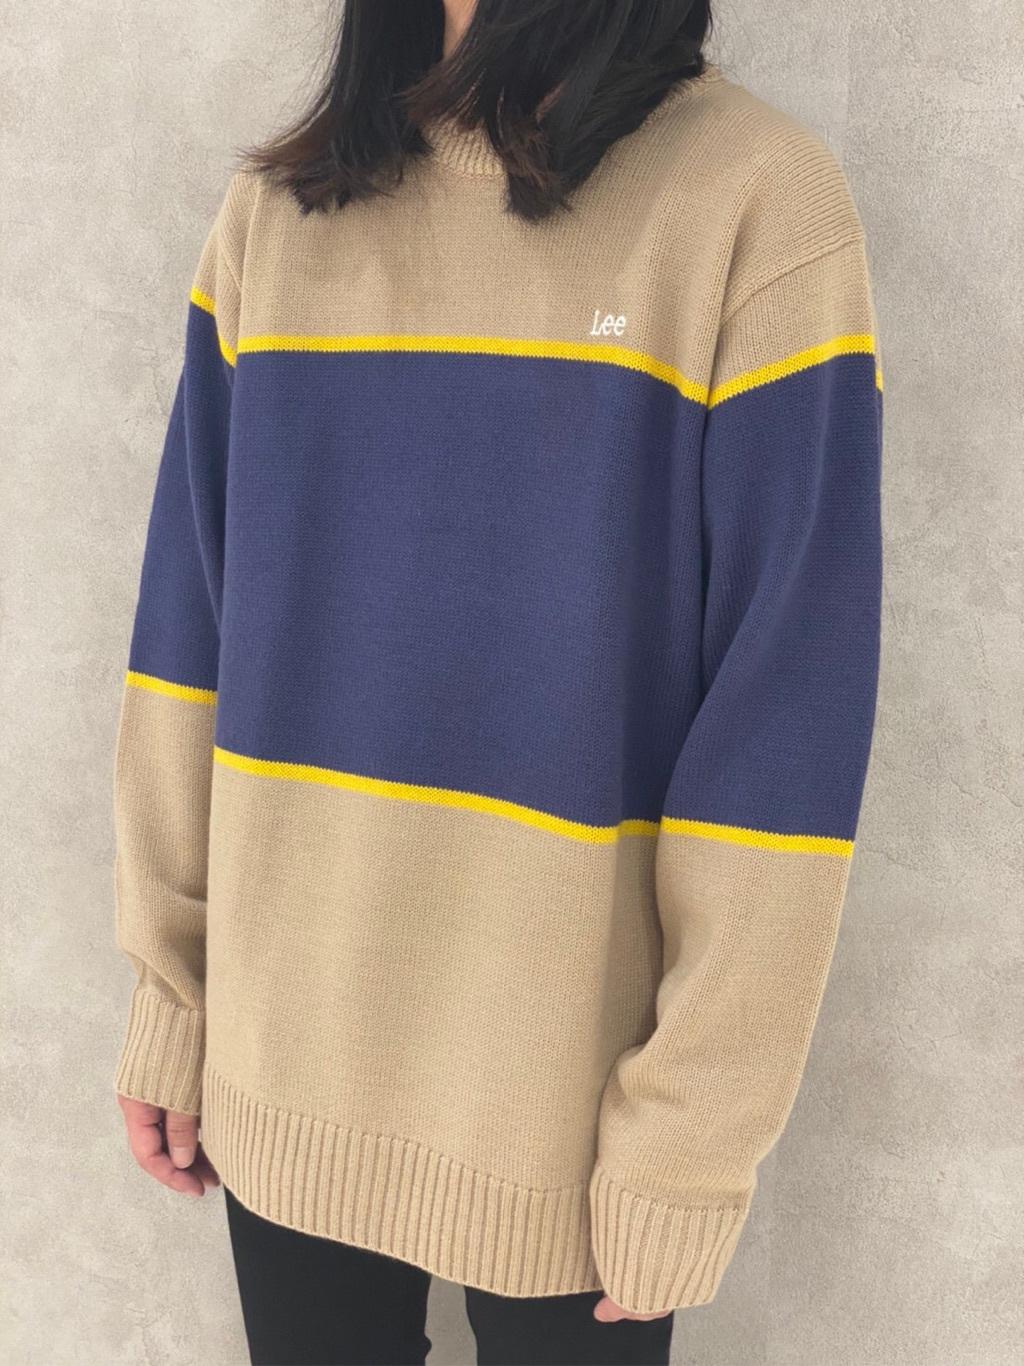 Lee 名古屋店のTakayaさんのLeeの【超快適ストレッチ】すっきり細身スキニーパンツを使ったコーディネート